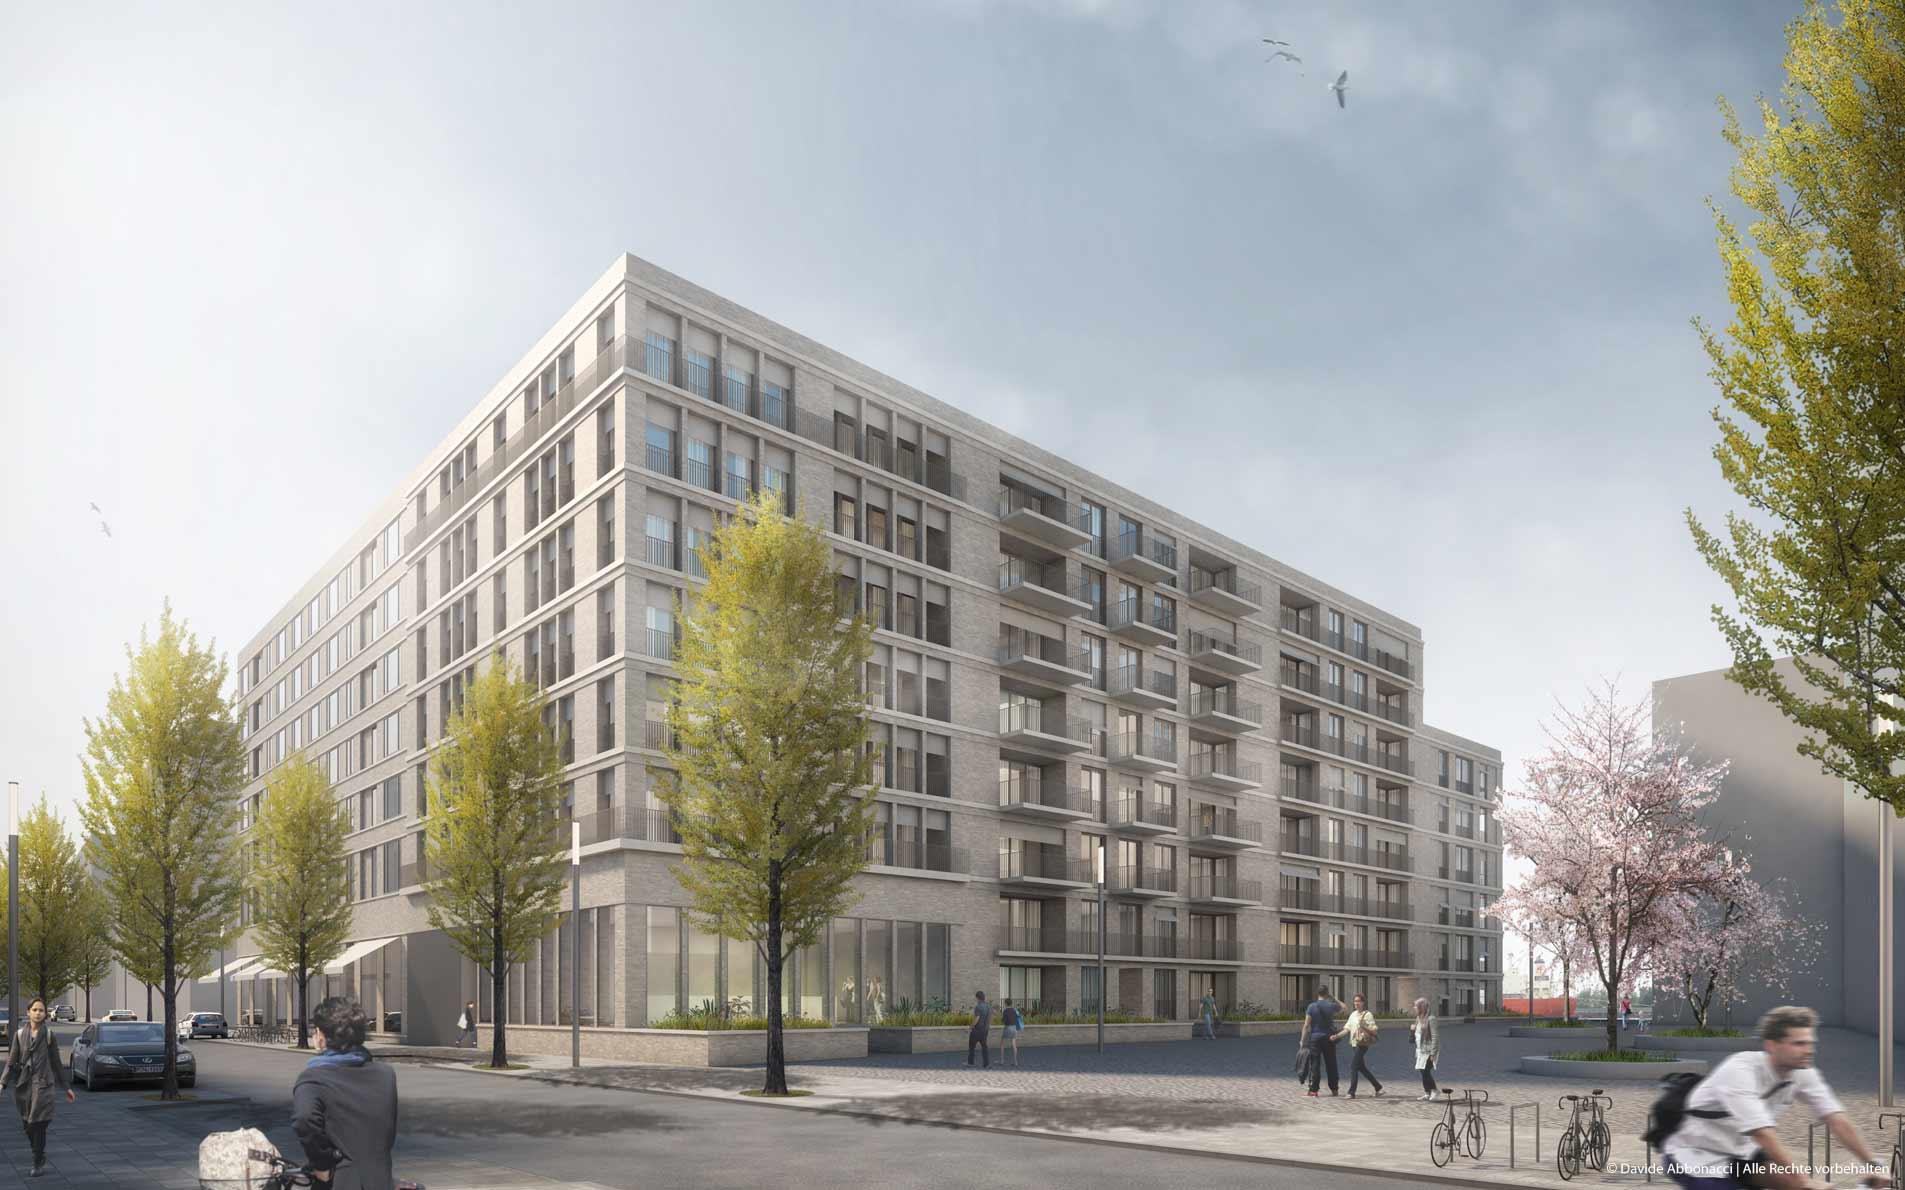 Baakenhafen, Baufeld 95, Hamburg | Georg Scheel Wetzel Architekten | 2015 Wettbewerbsvisualisierung | 3. Preis